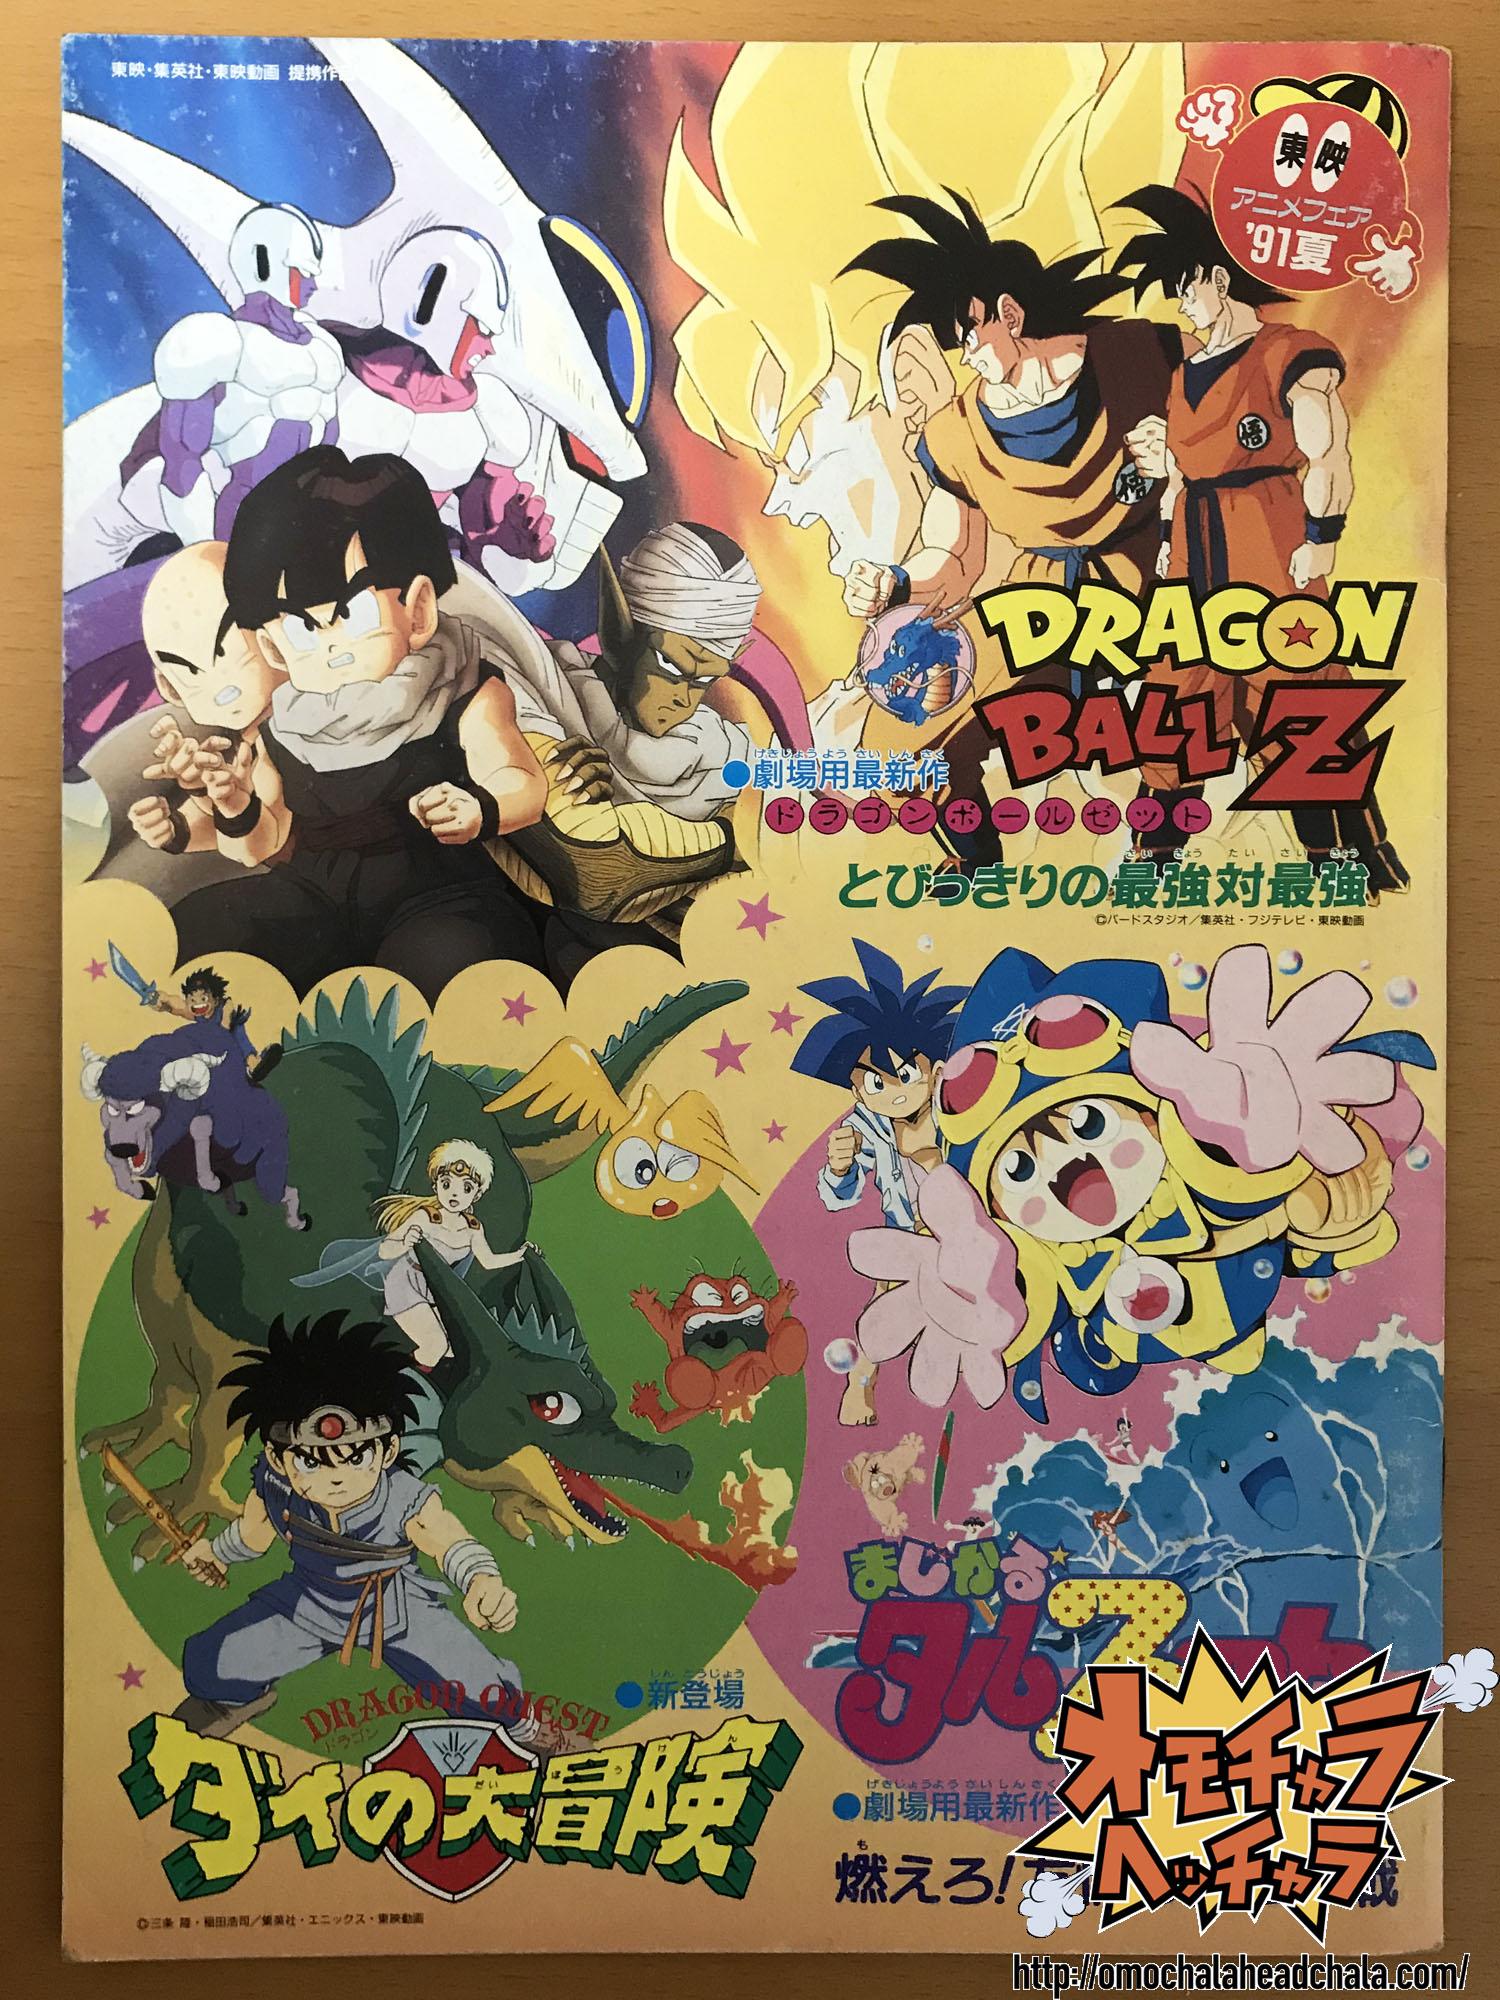 映画「ドラゴンボールZ とびっきりの最強対最強」パンフレット